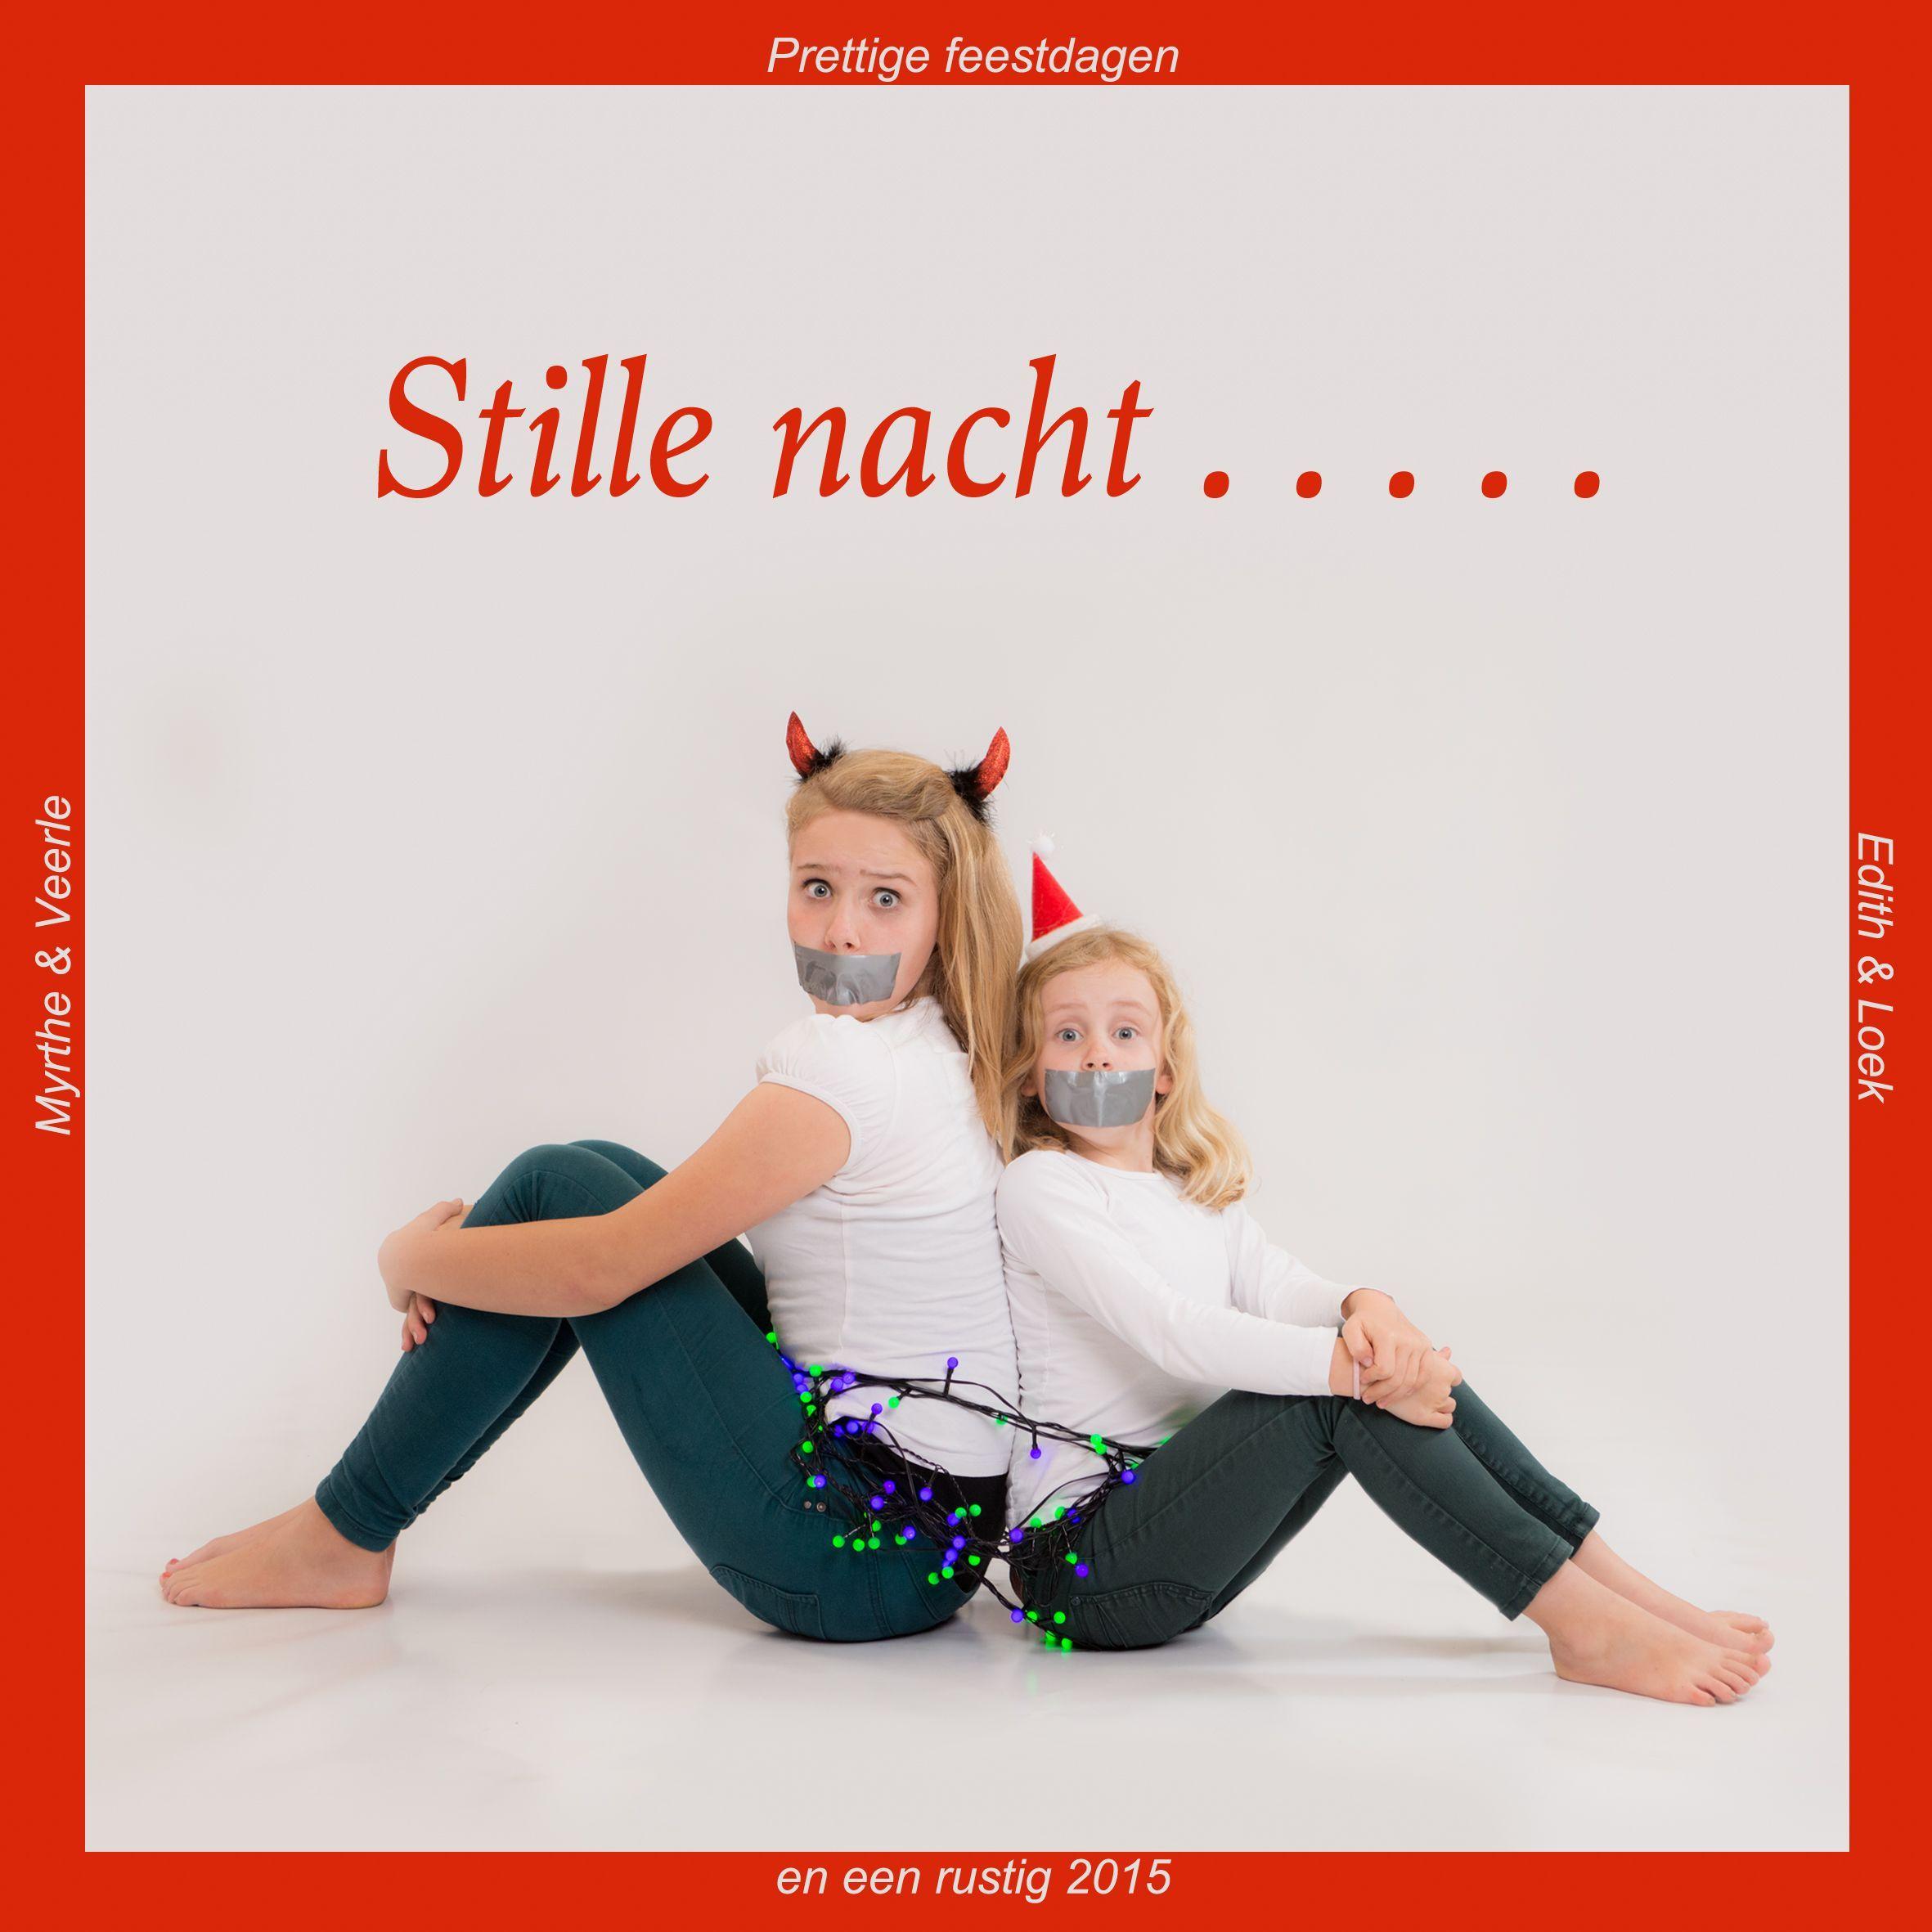 Dies ist eine andere Idee (sehr würdig), die mit unseren Kindern zu tun hat :-) #kerstwensenoriginele Dies ist eine andere Idee (sehr würdig …